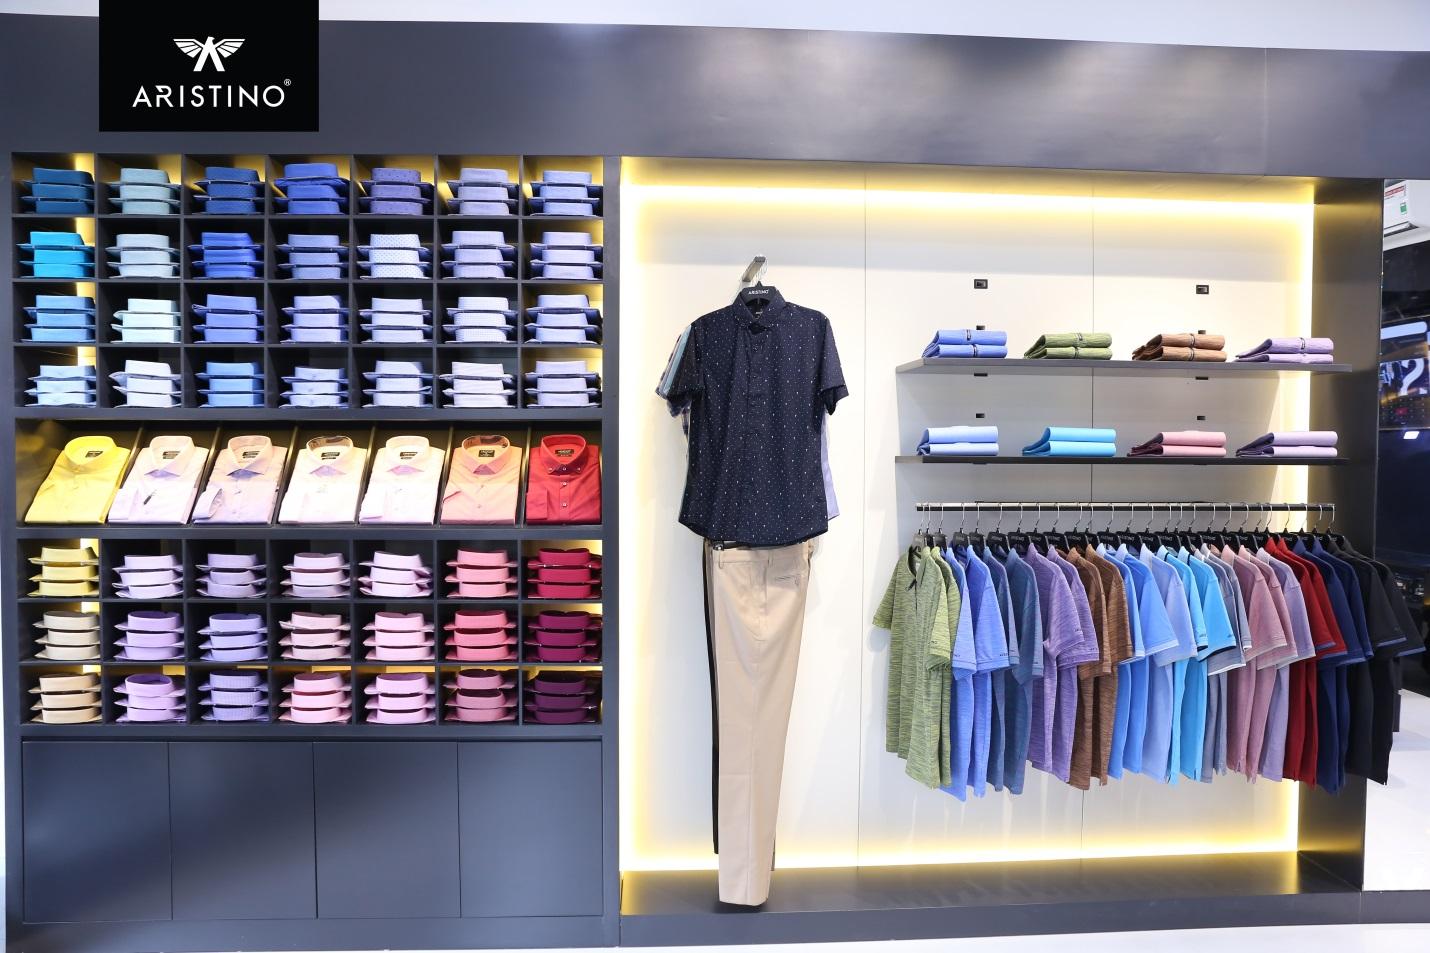 ARISTINO ra mắt thị trường thời trang nam tại TP Hồ Chí Minh